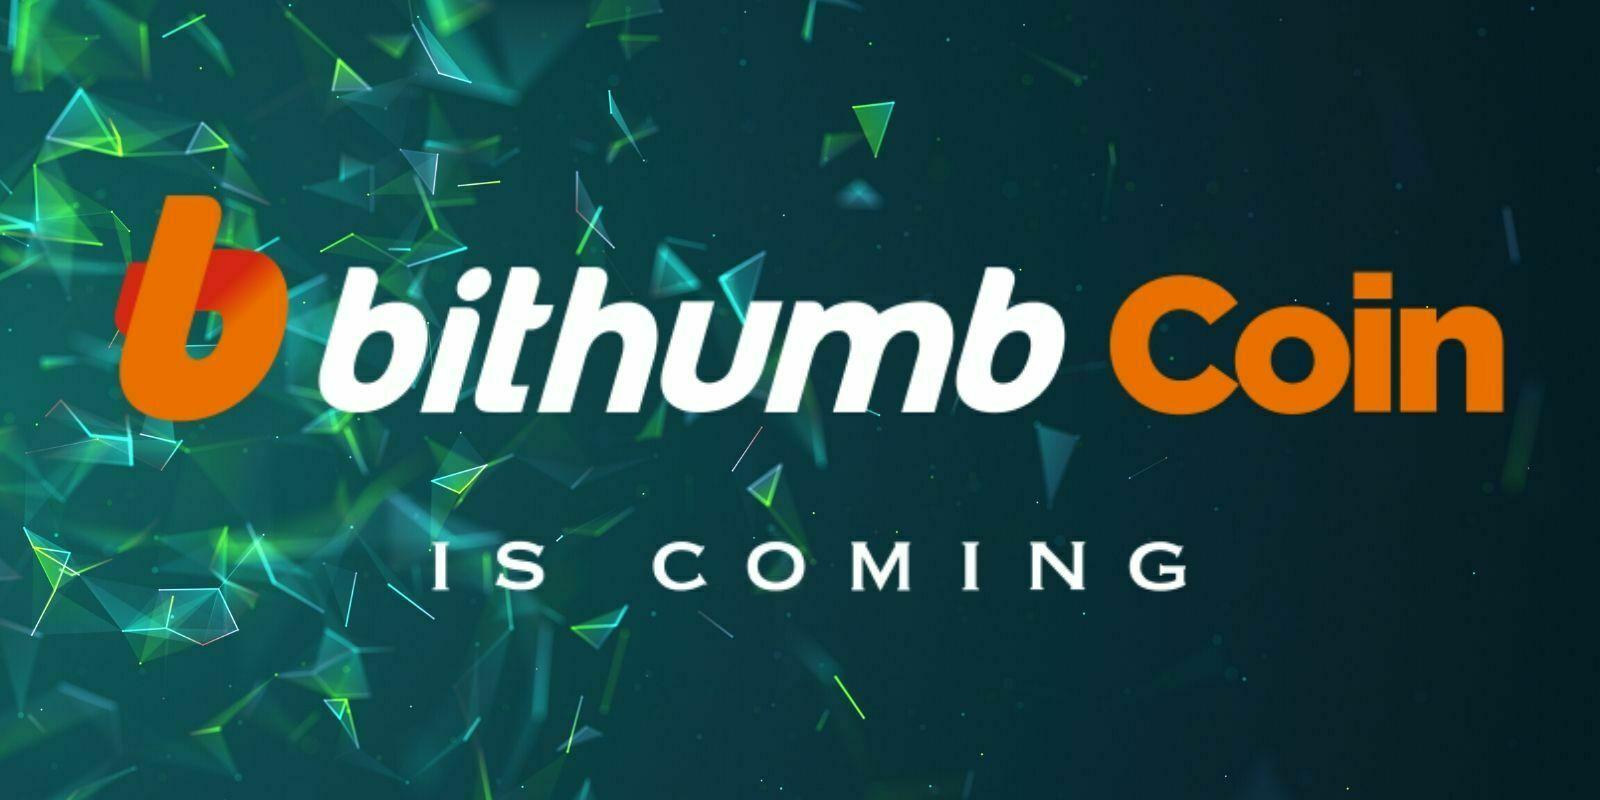 Bithumb lance son token natif pour son écosystème